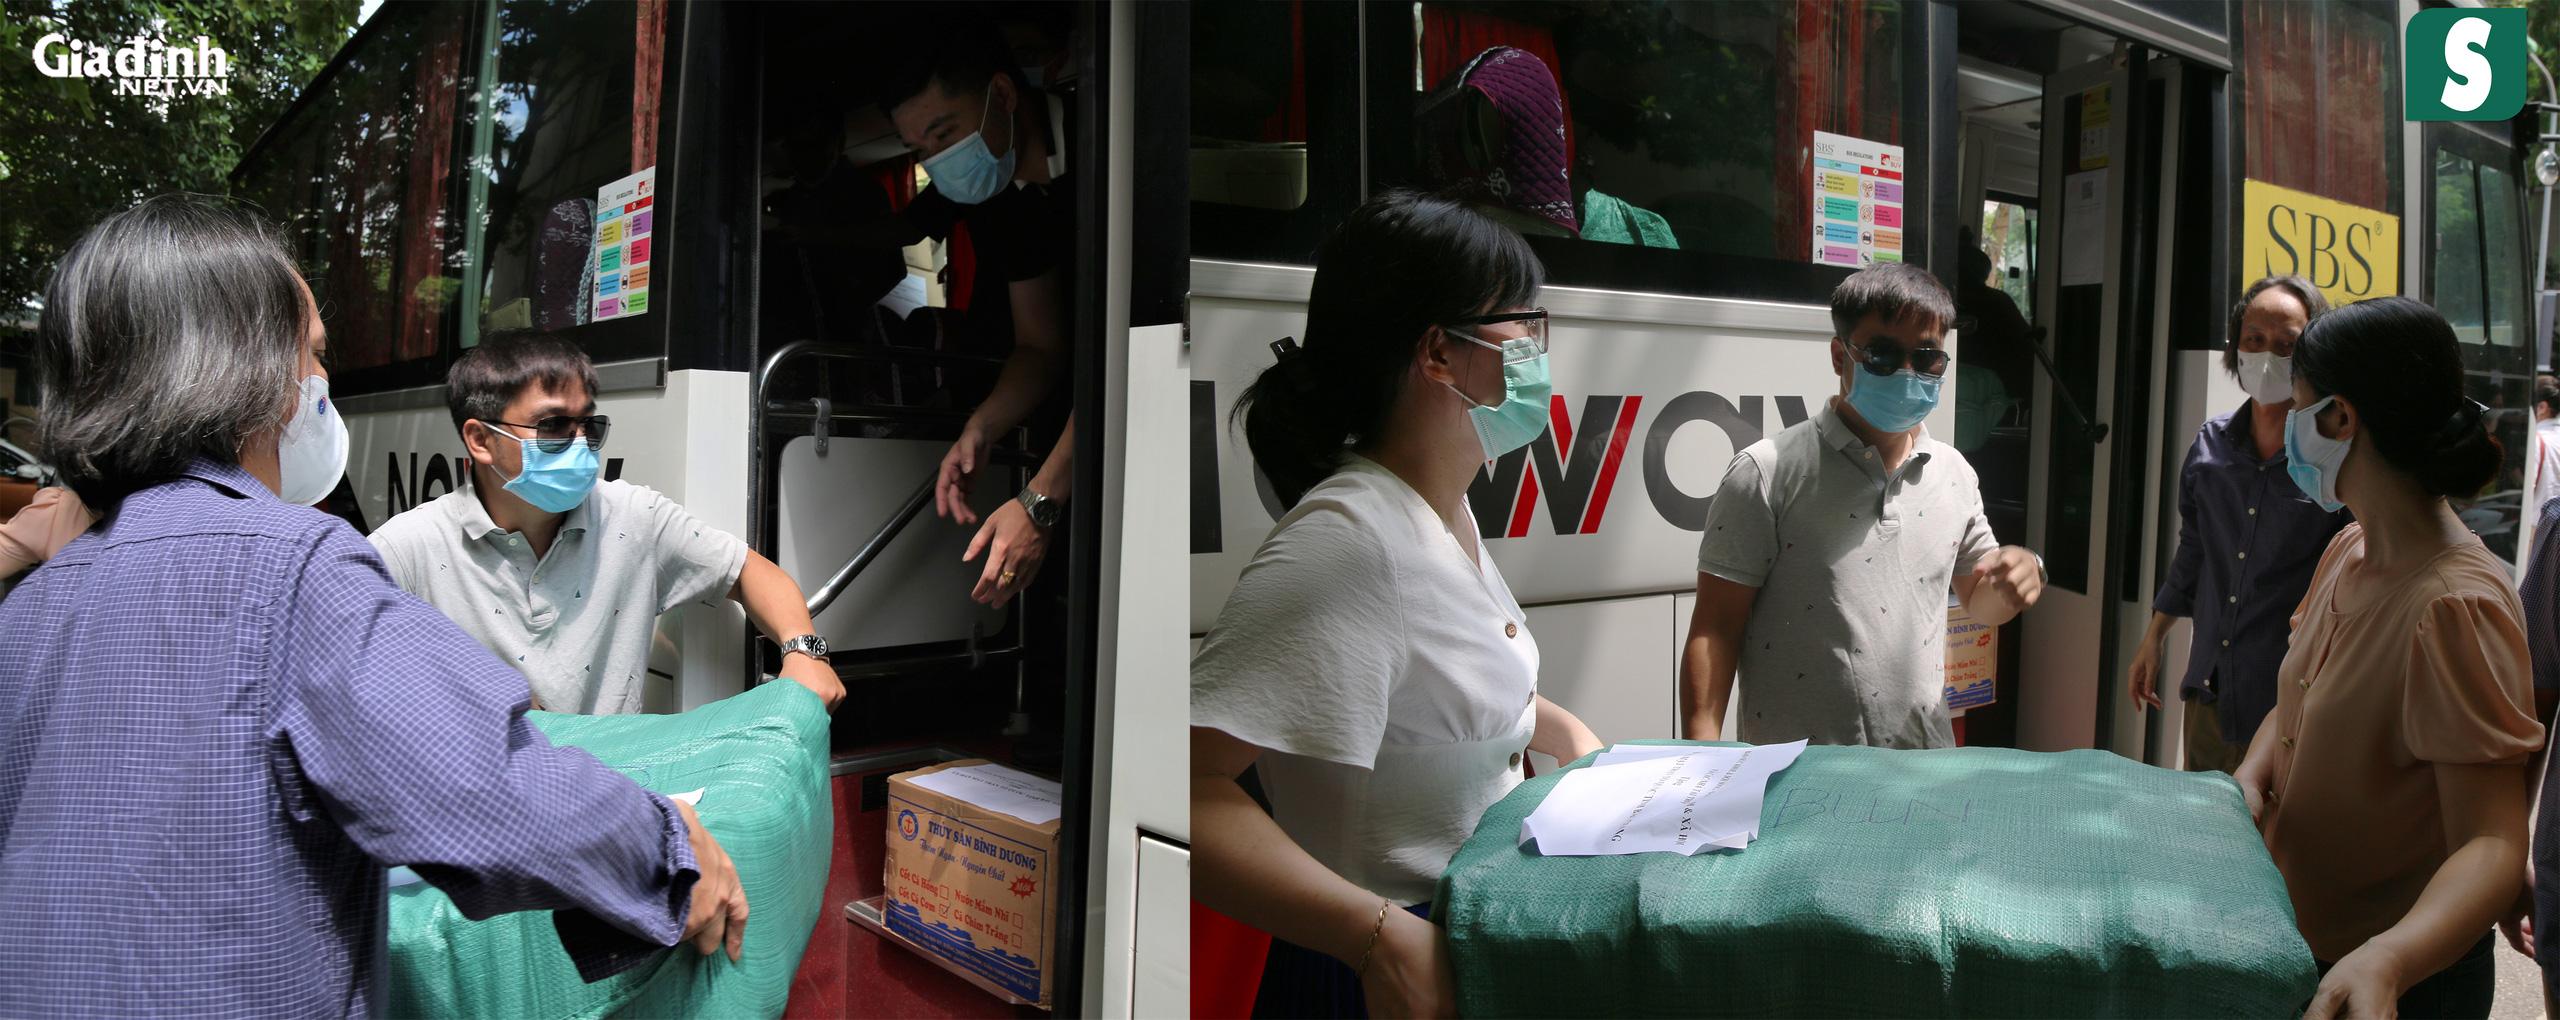 Báo Sức khỏe & Đời sống và Báo Gia đình & Xã hội kêu gọi hơn 1,8 tỷ đồng hỗ trợ Bắc Giang, Bắc Ninh chống dịch - Ảnh 2.